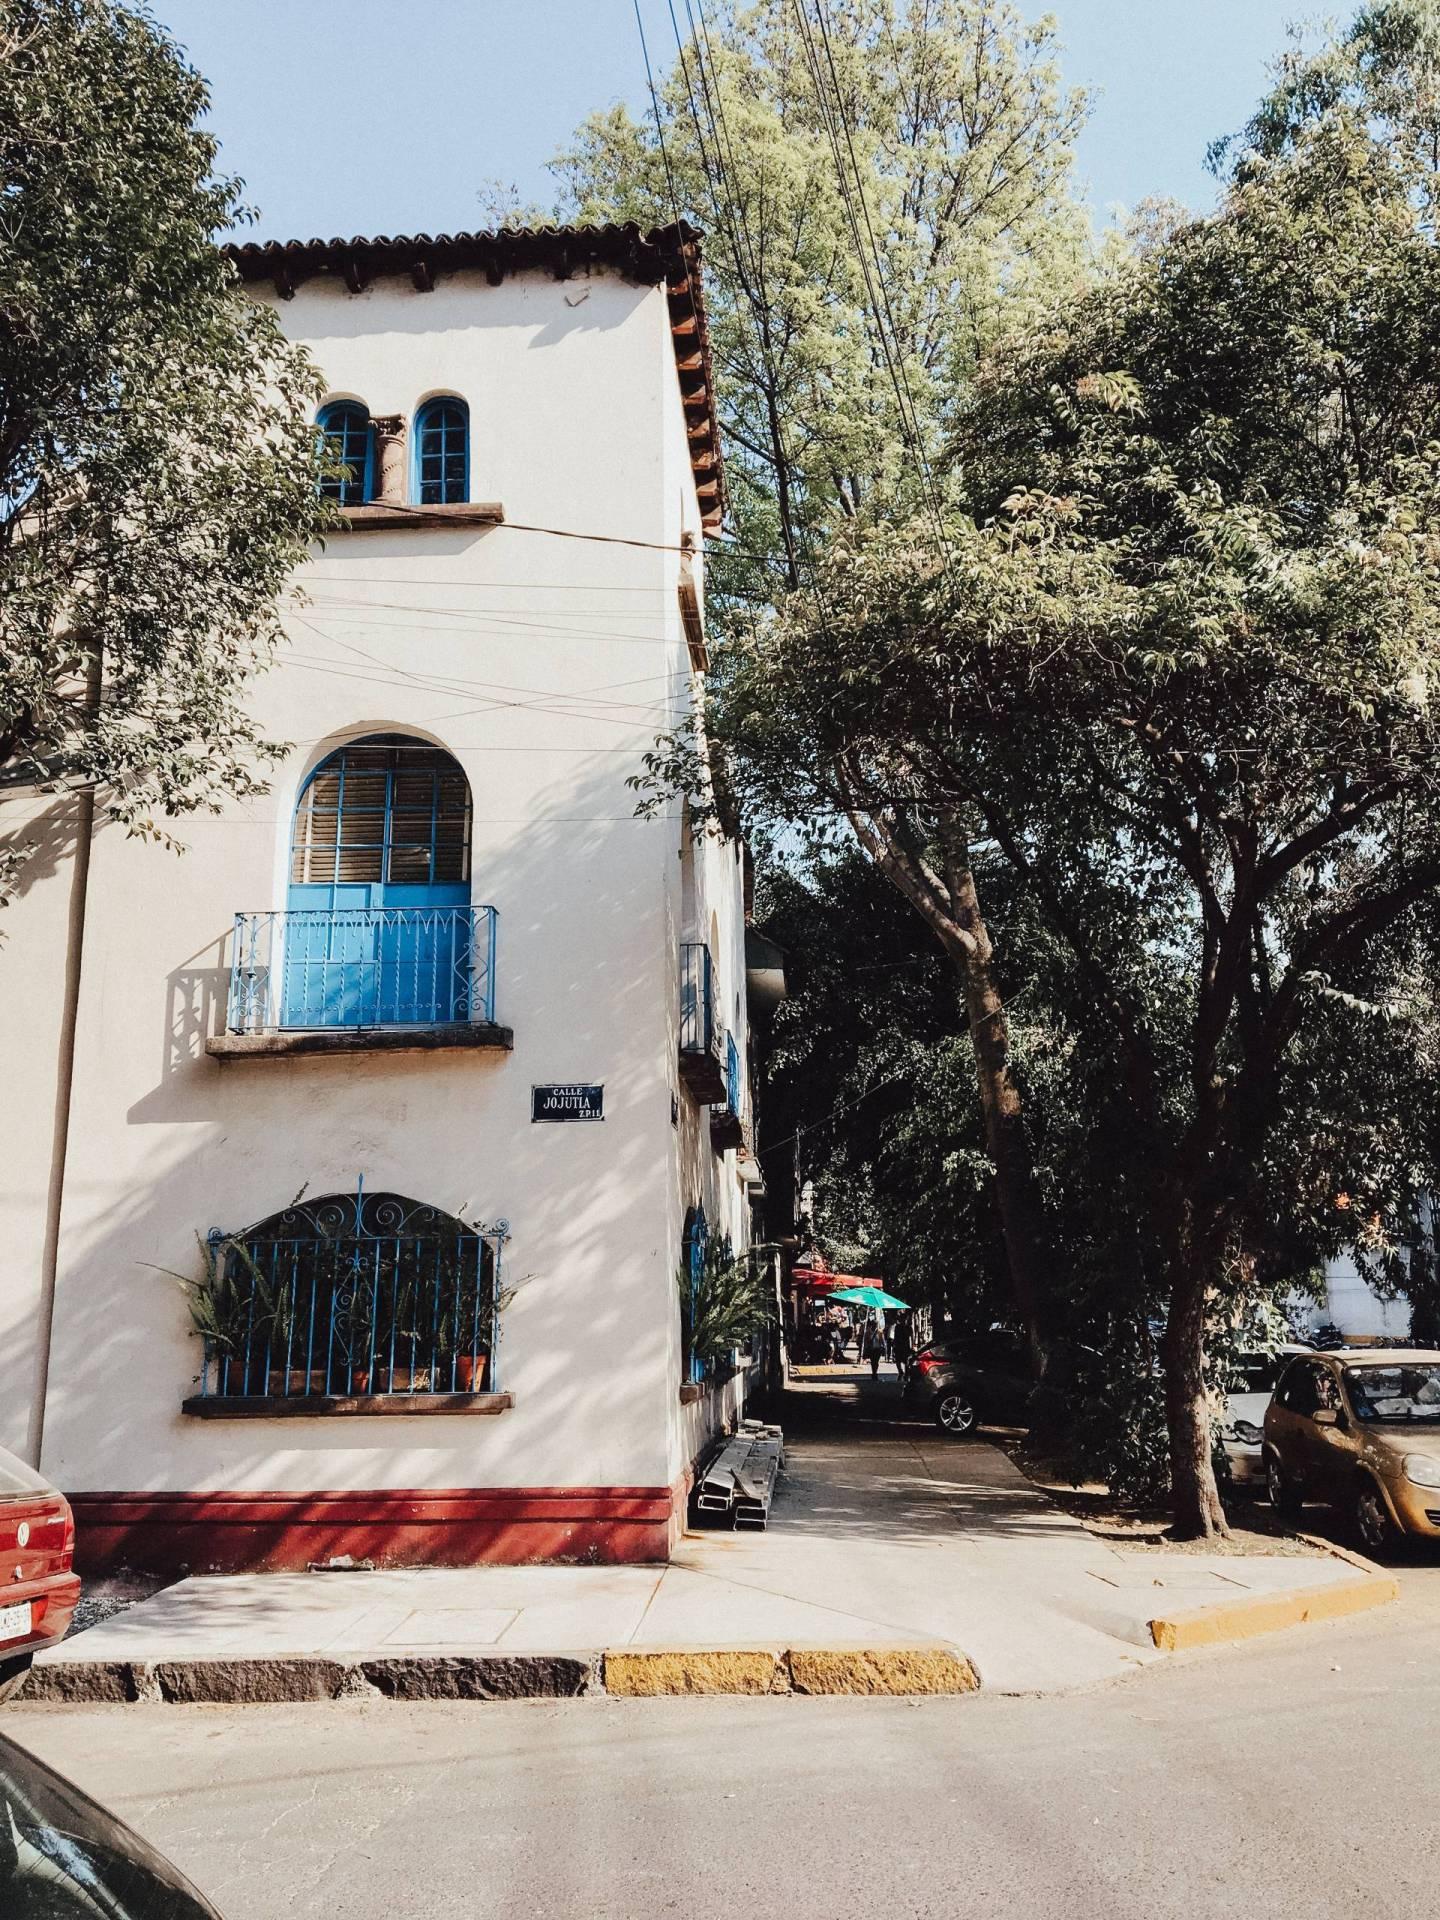 Exploring La Condesa in Mexico City